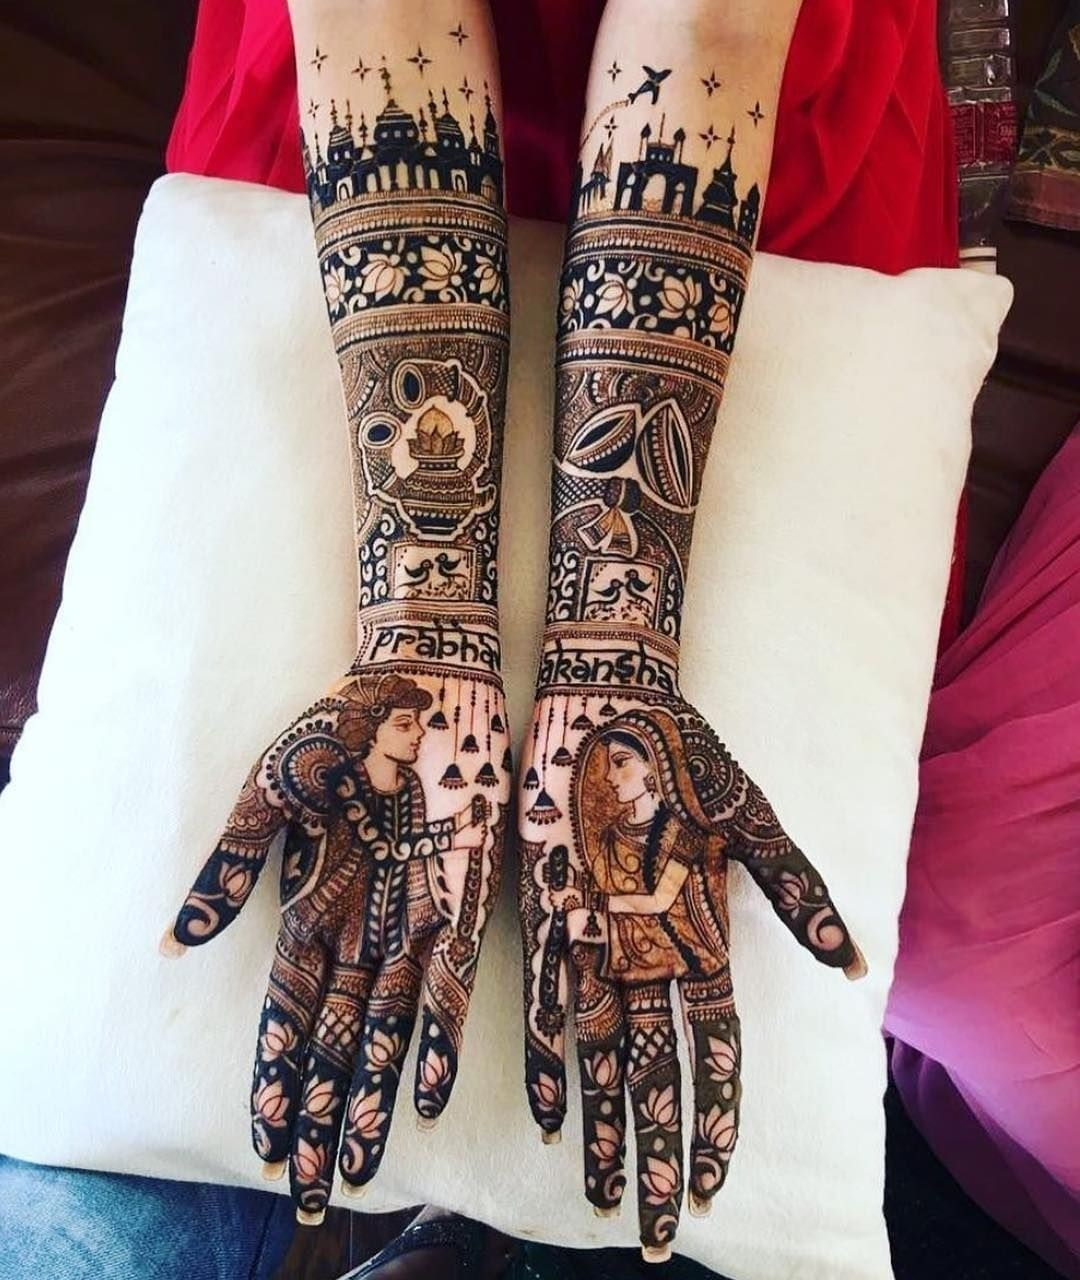 जयमाला पोर्ट्रेट मेहंदी डिजाइन भी दुल्हन के लिए बेस्ट है।